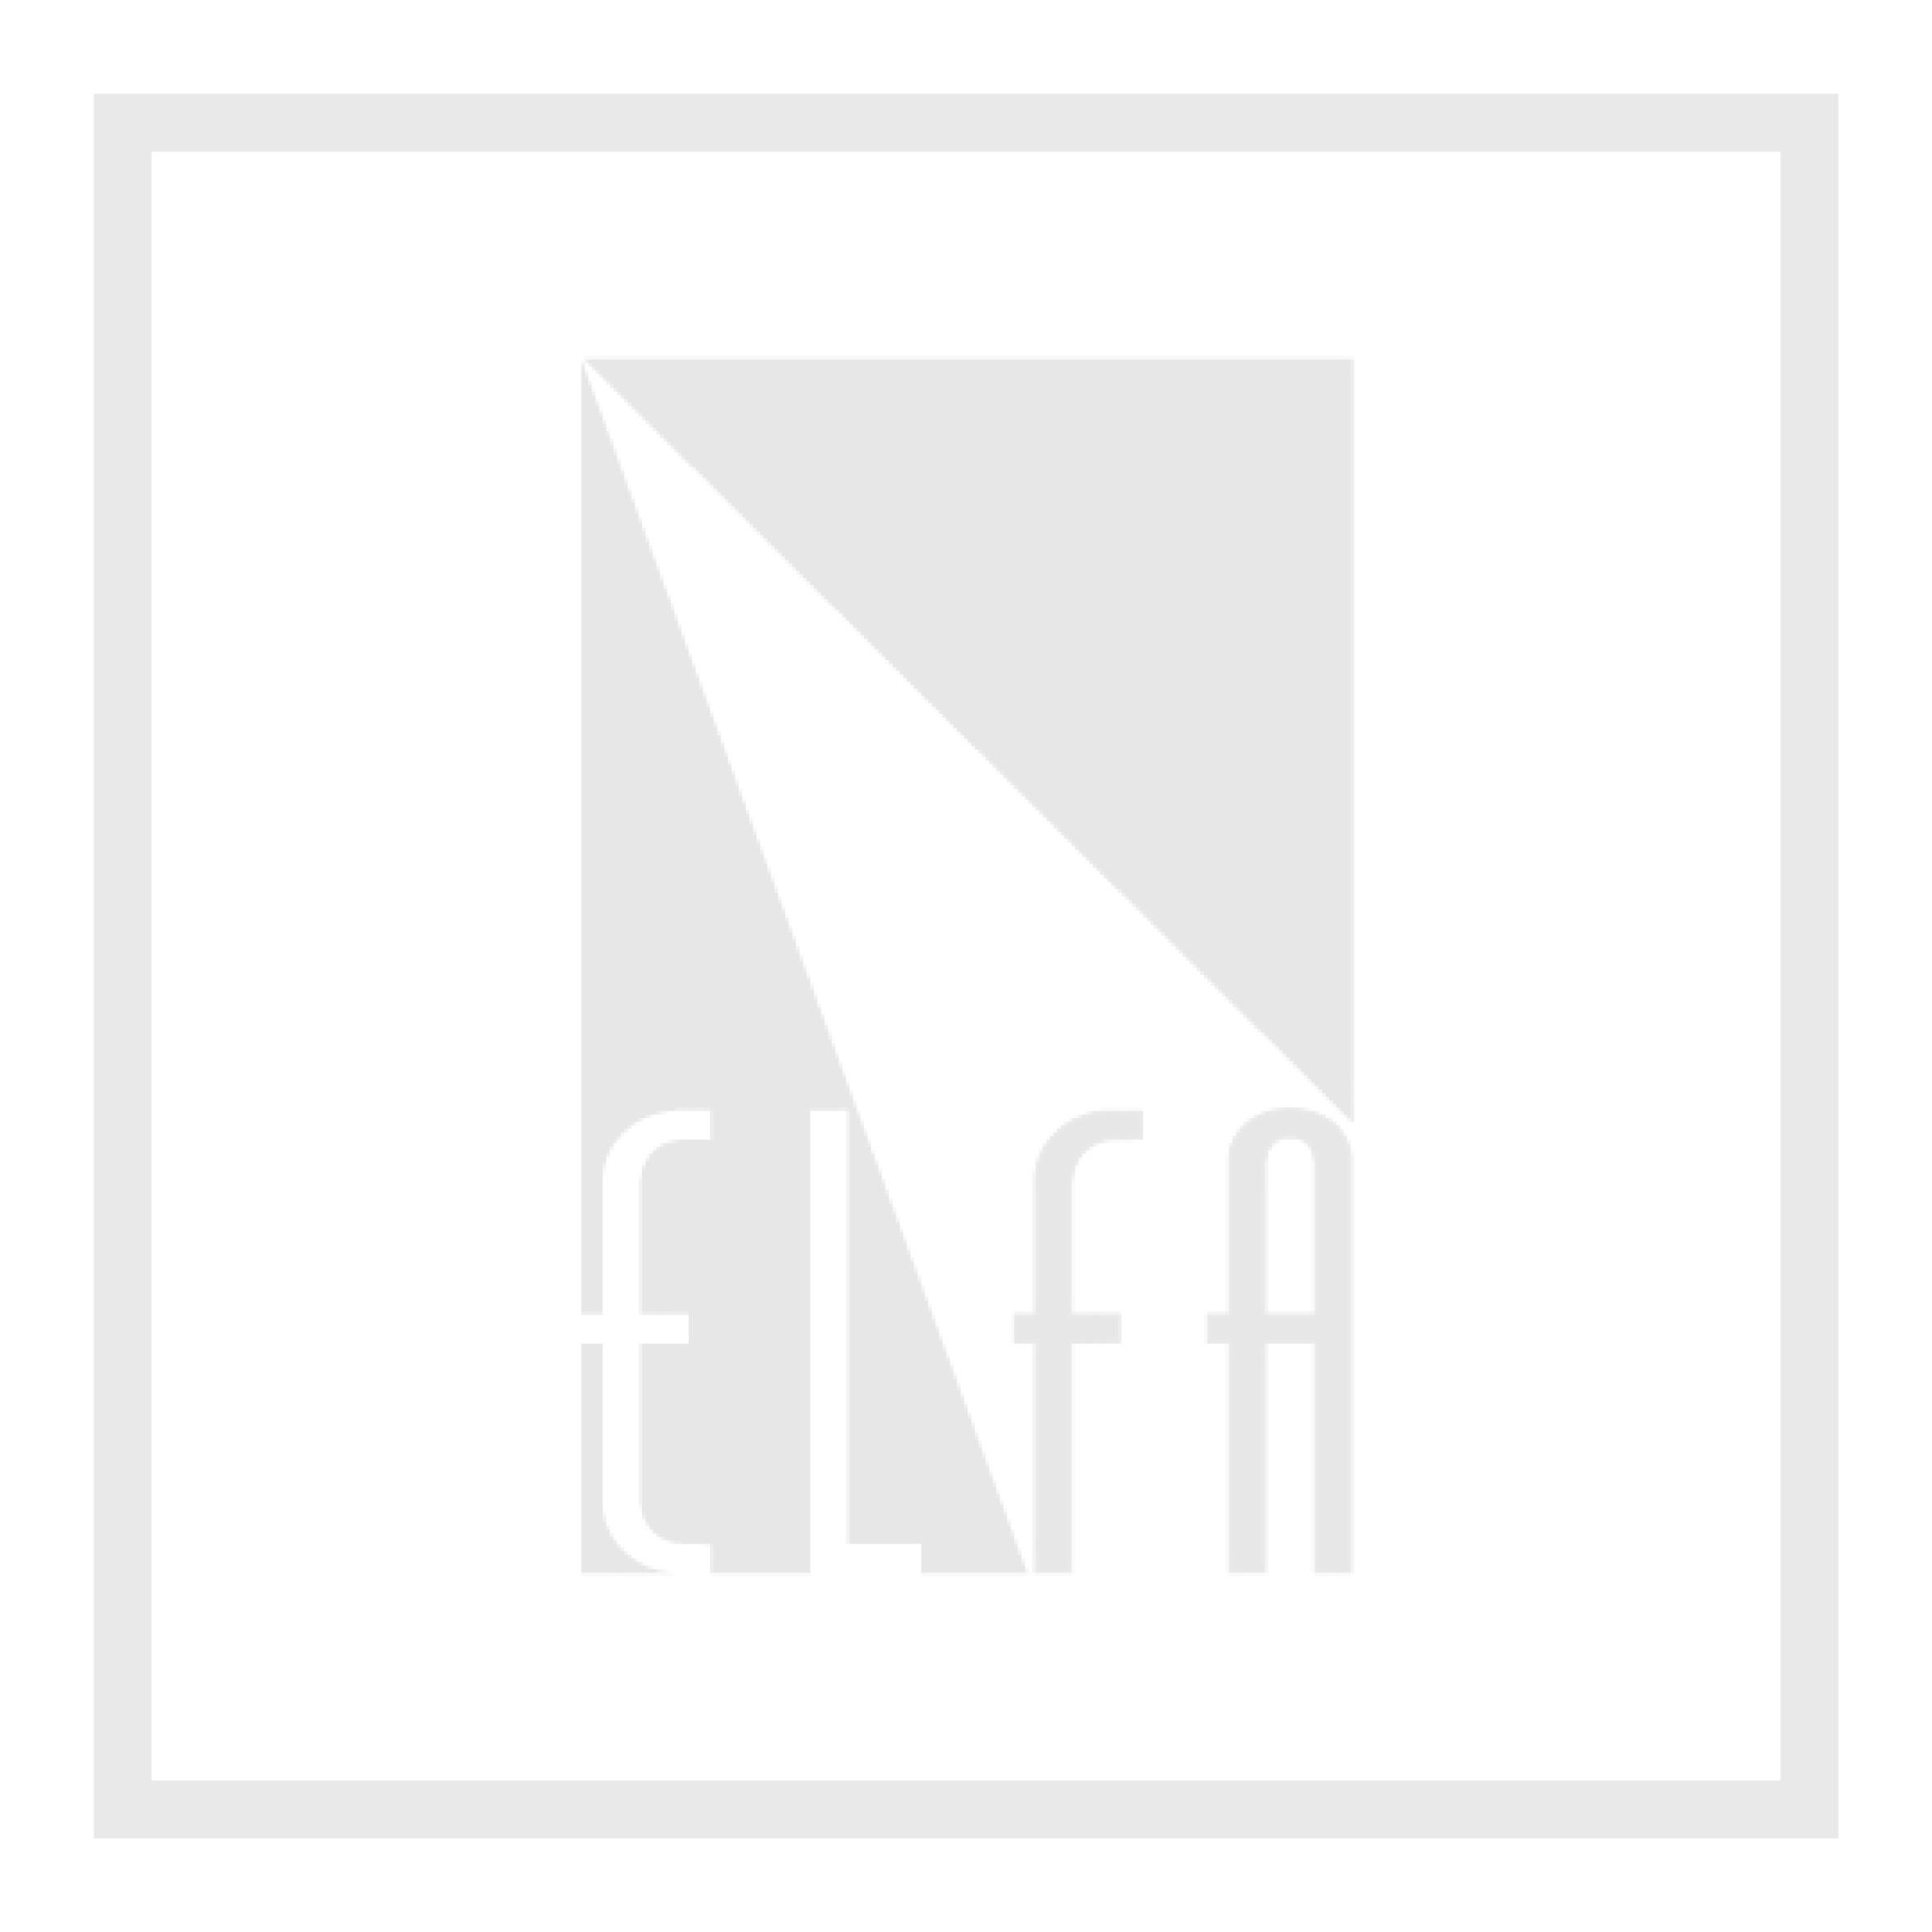 Panasonic Pro Power Alkaline batt 6LR61 9V